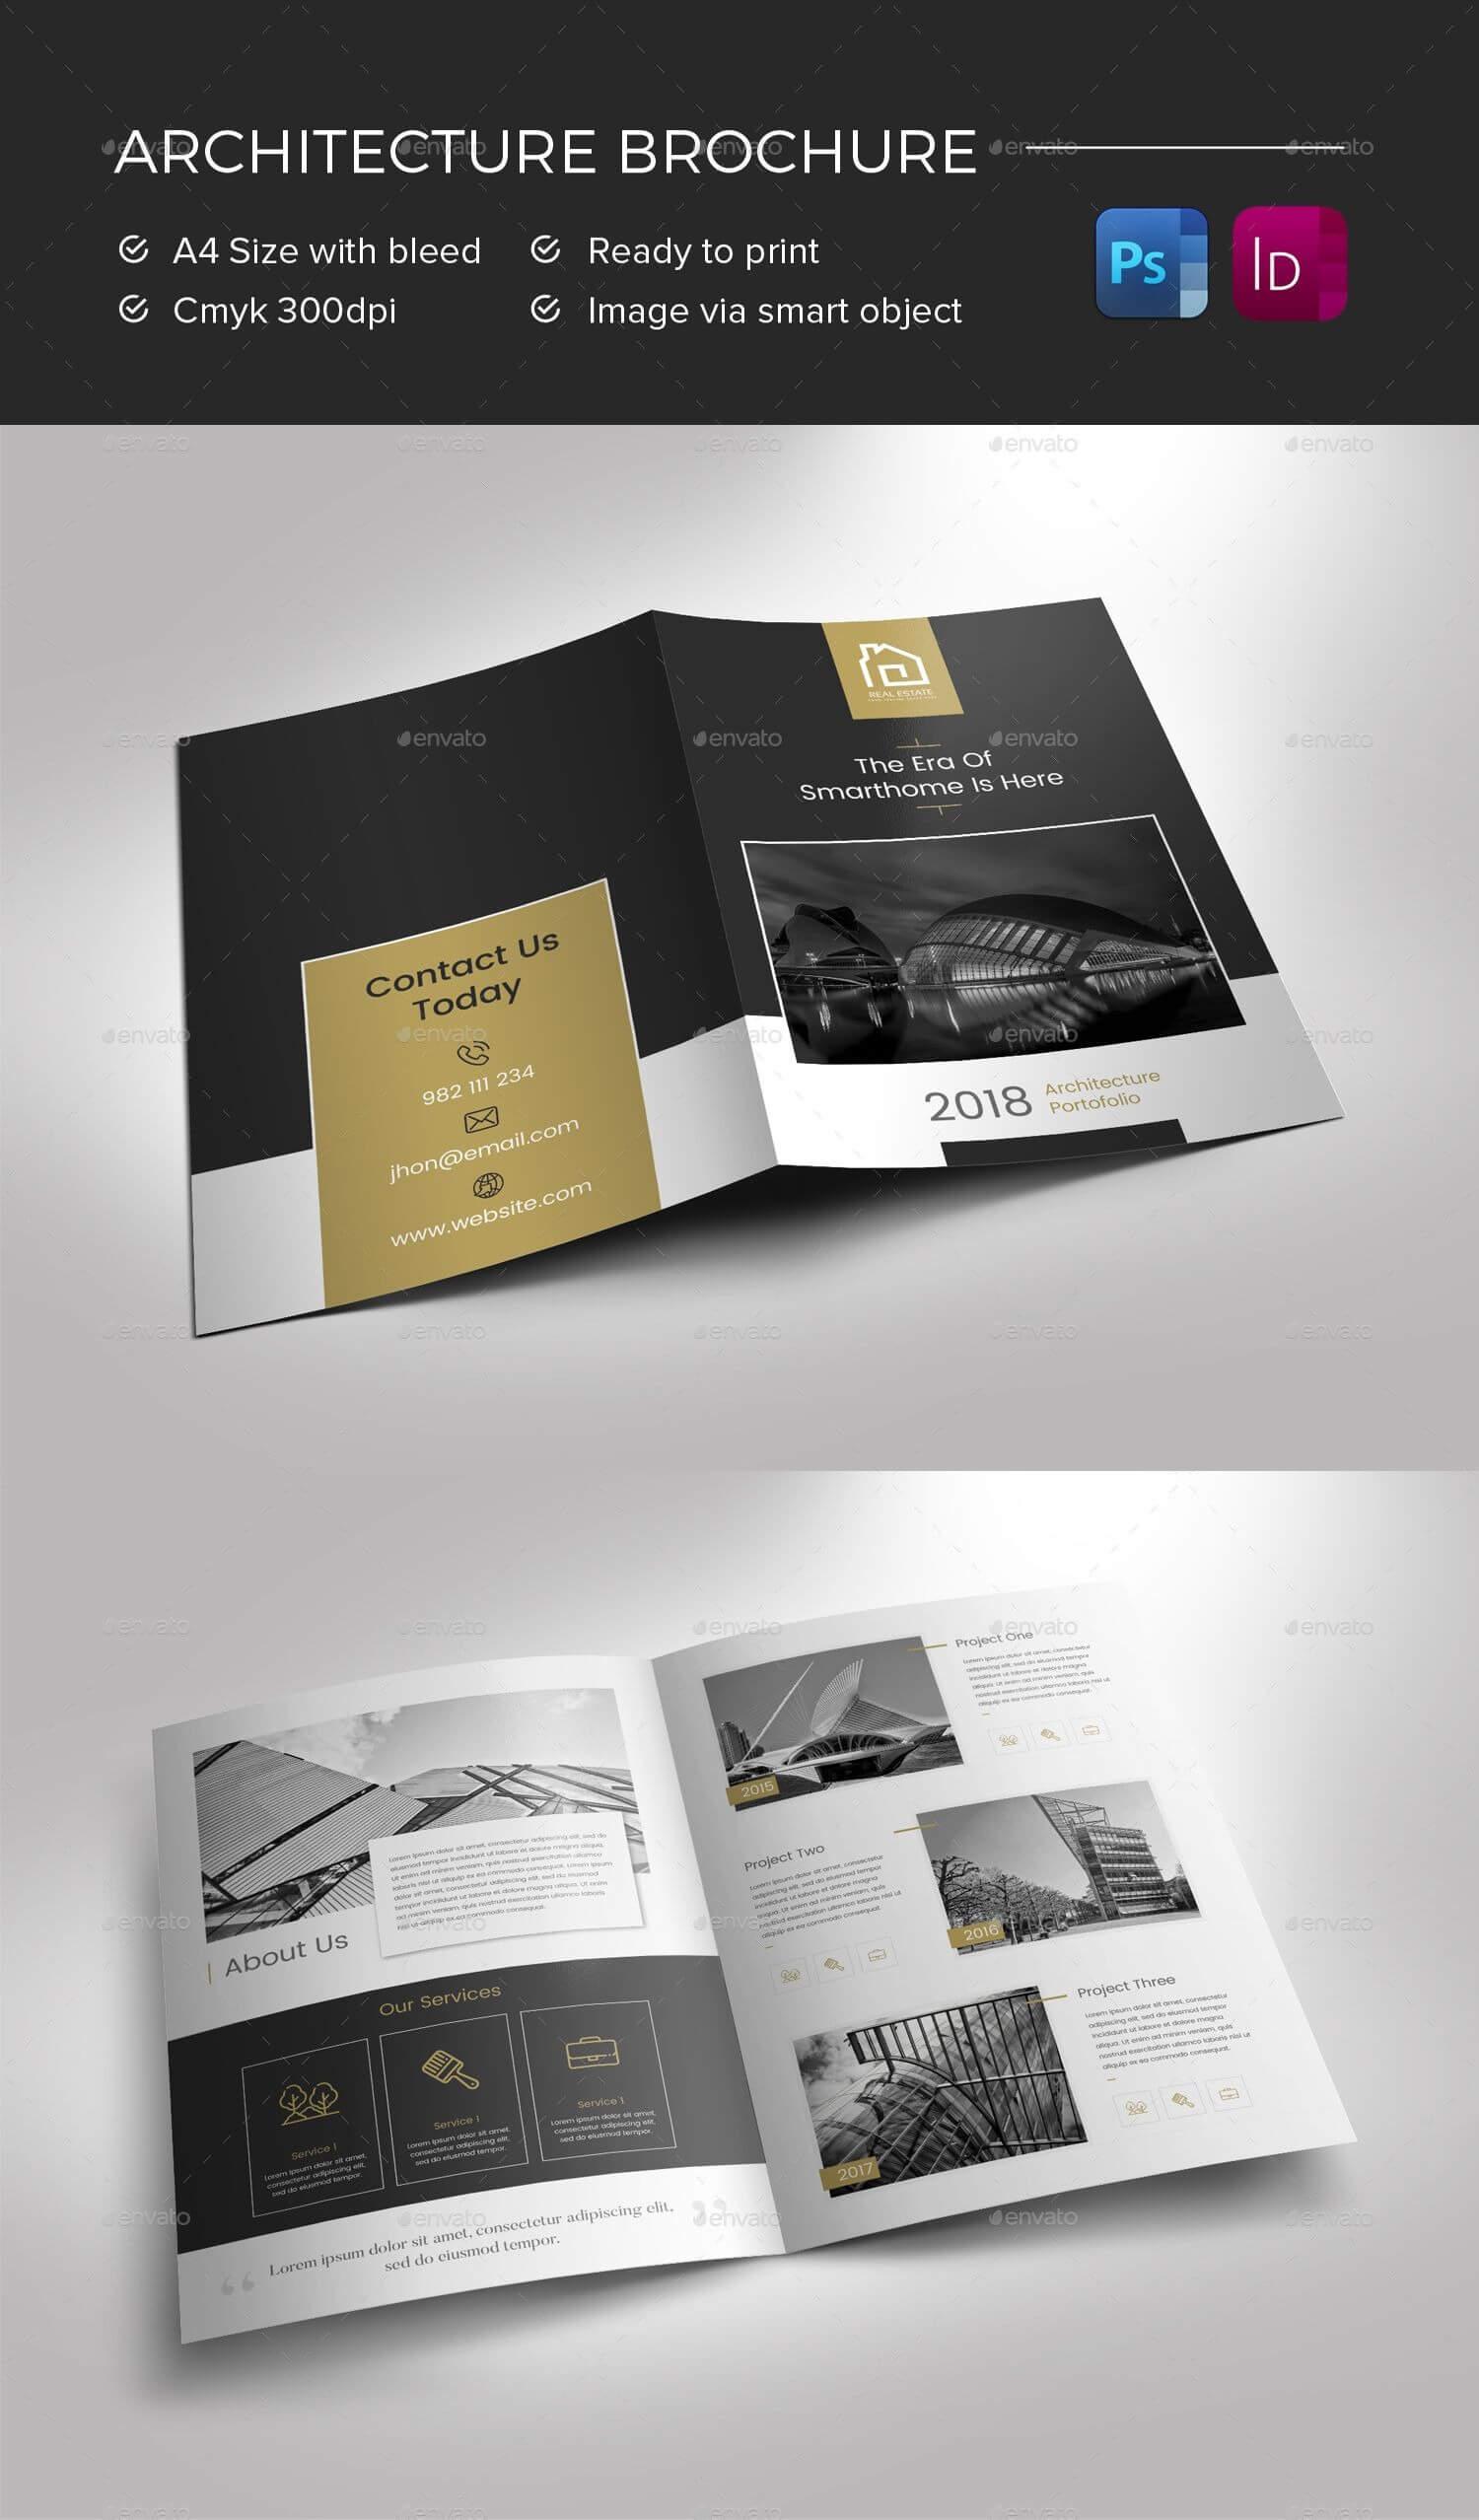 Architecture Brochure Preview - Graphicriver | Brochure With Architecture Brochure Templates Free Download